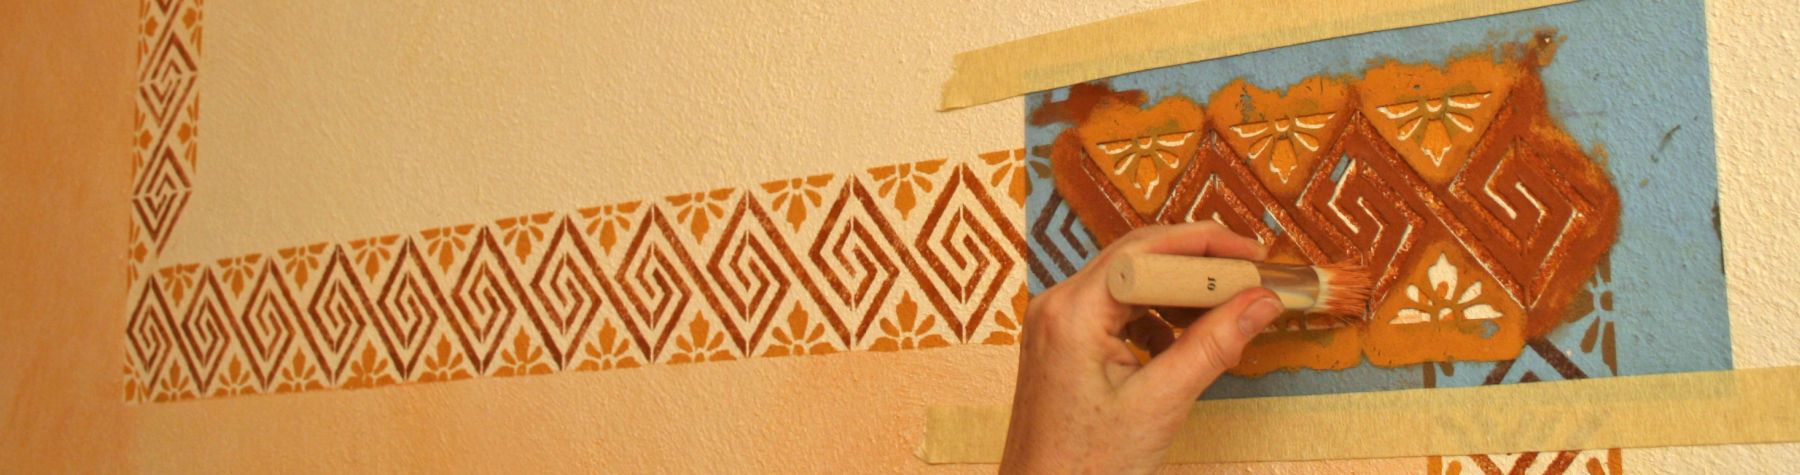 Wand streichen schwamm great wand streichen techniken - Wand patinieren ...